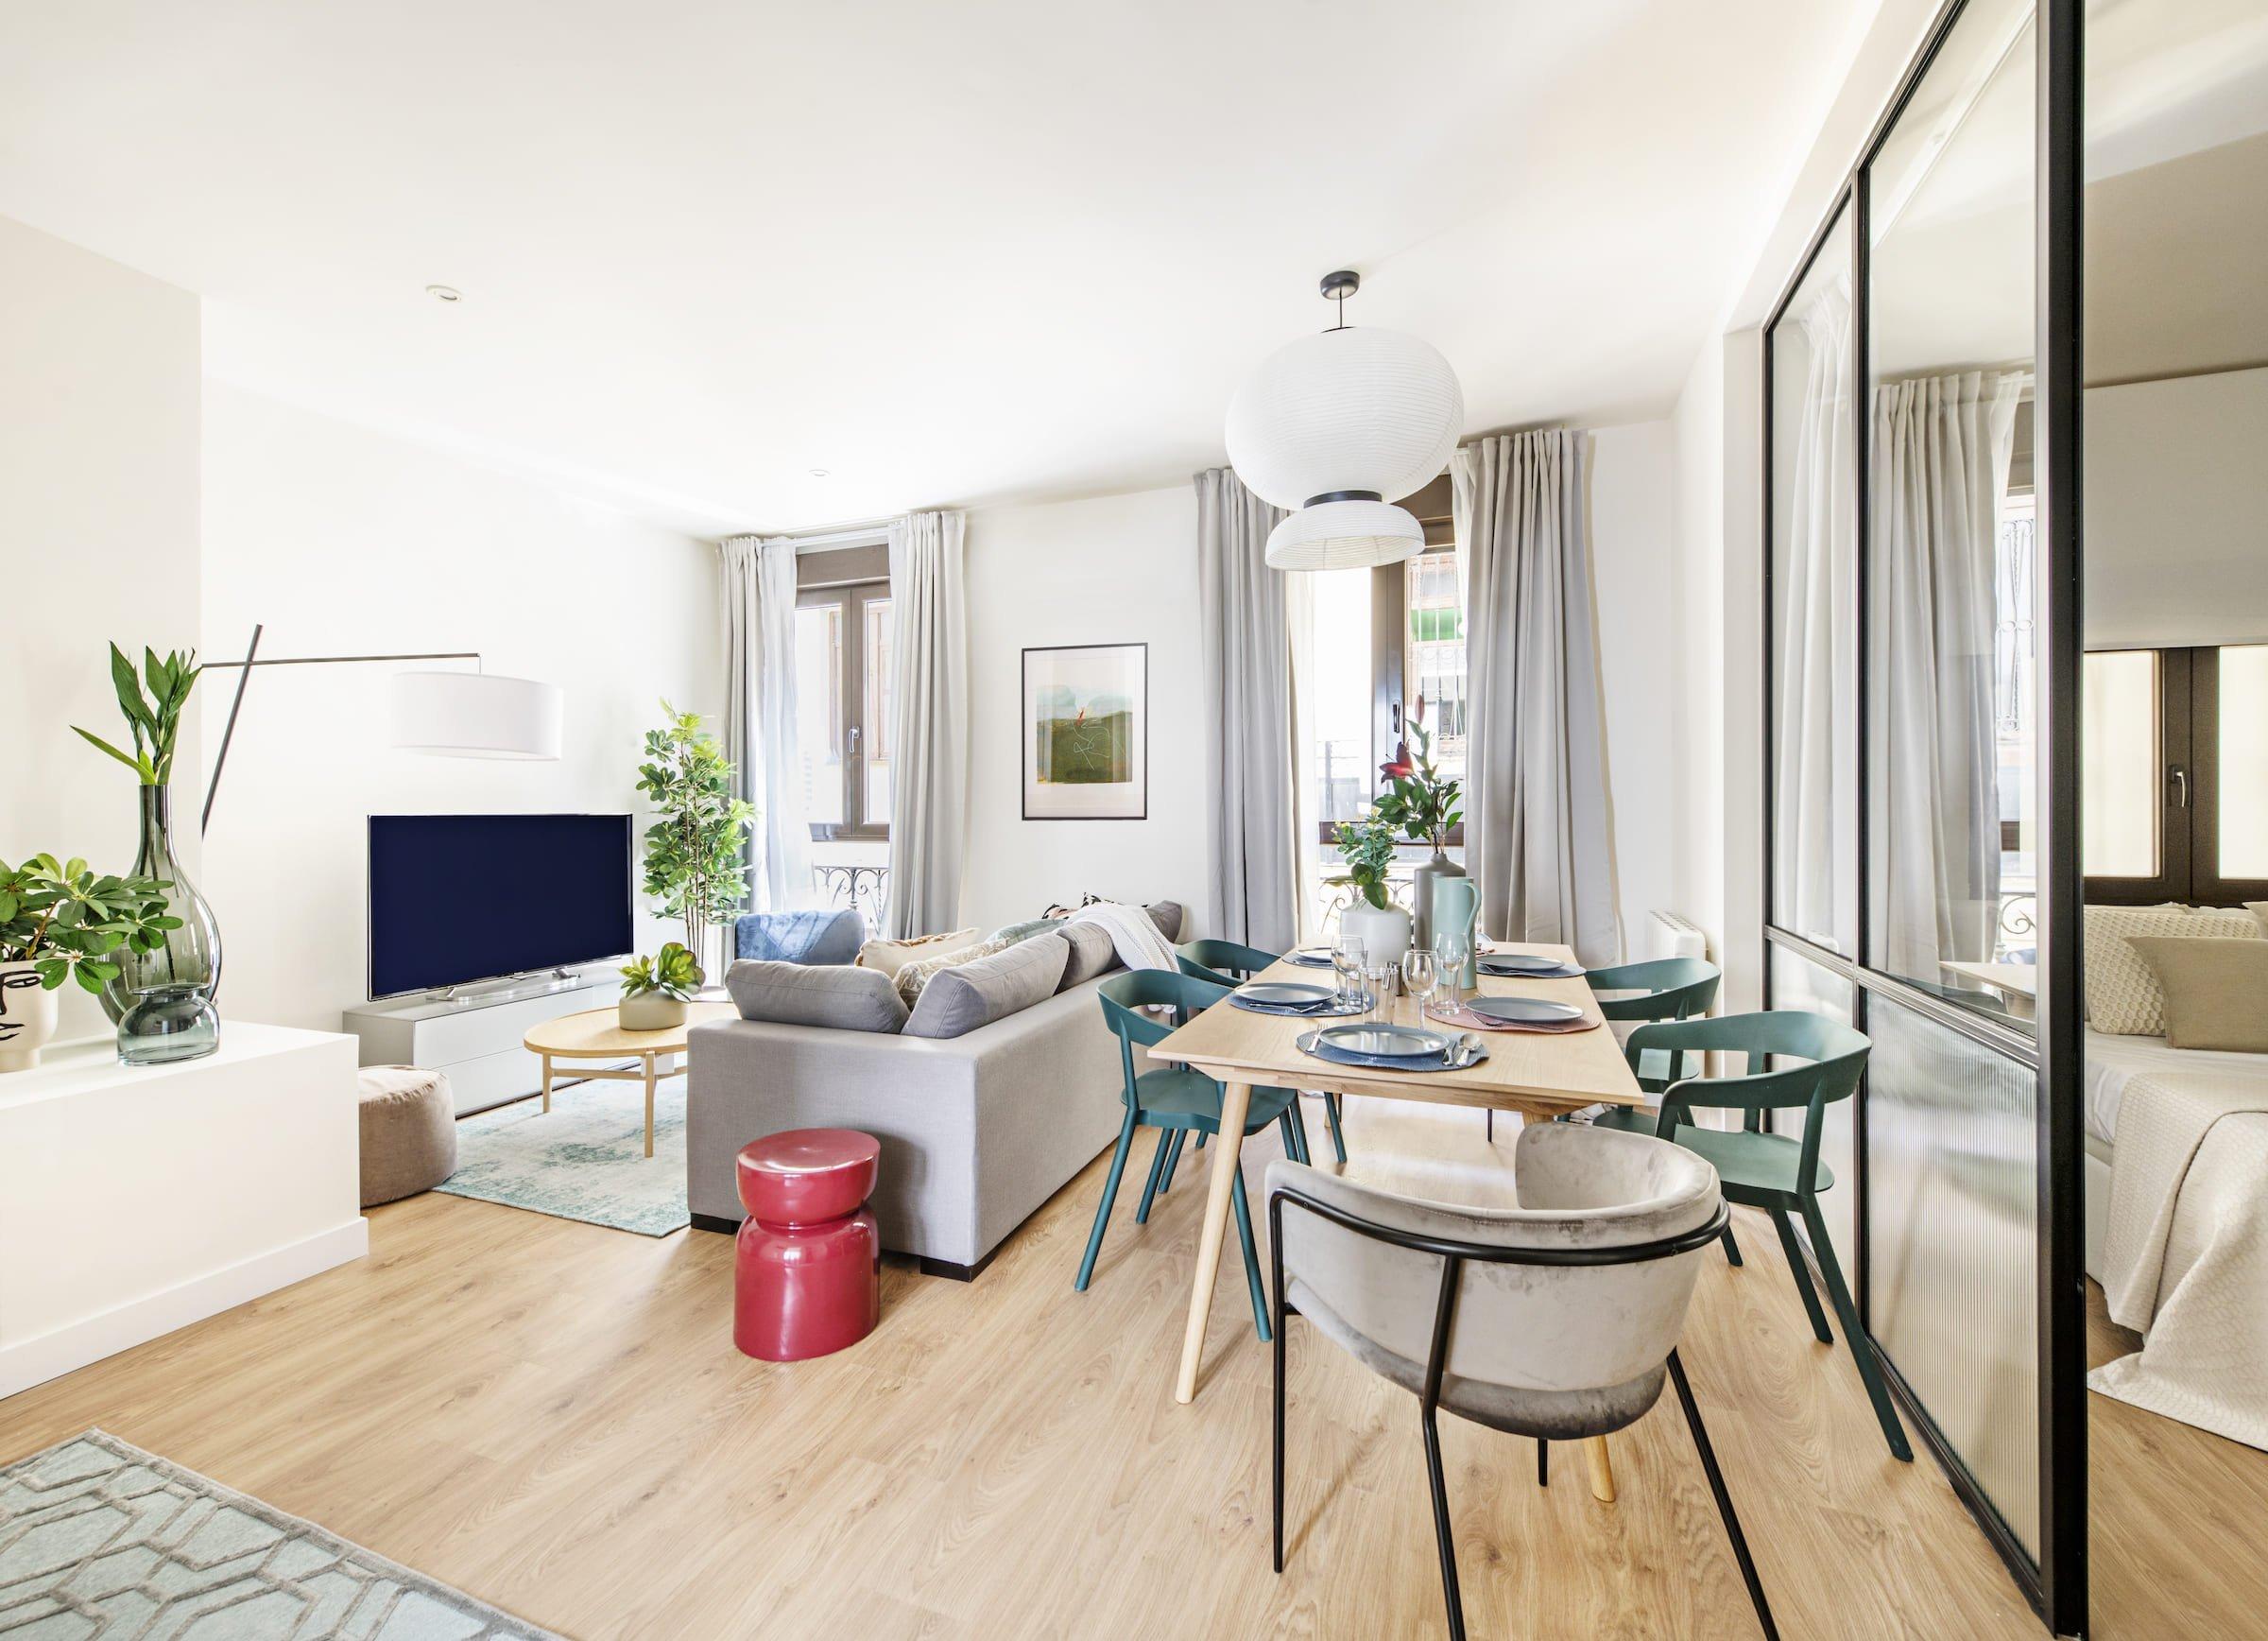 V jednom z madridských bytů došlo k působivé proměně. Díky citlivé rekonstrukci a důmyslné hře s materiály vzniklo nápadité bydlení, v němž je každý kousek využit na maximum.